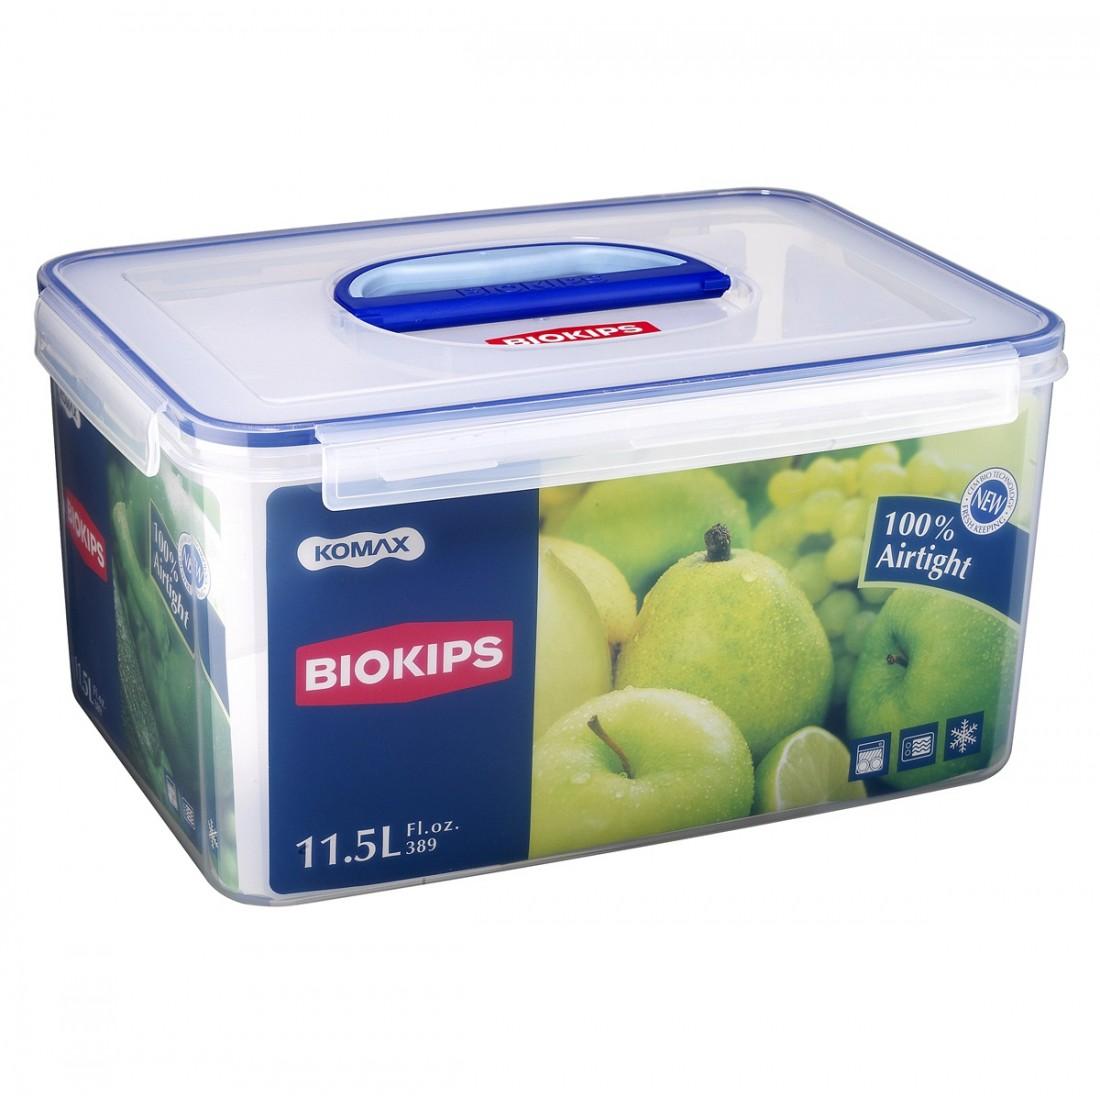 Hộp nhựa Komax Biokips 1.1L-Thế giới đồ gia dụng HMD